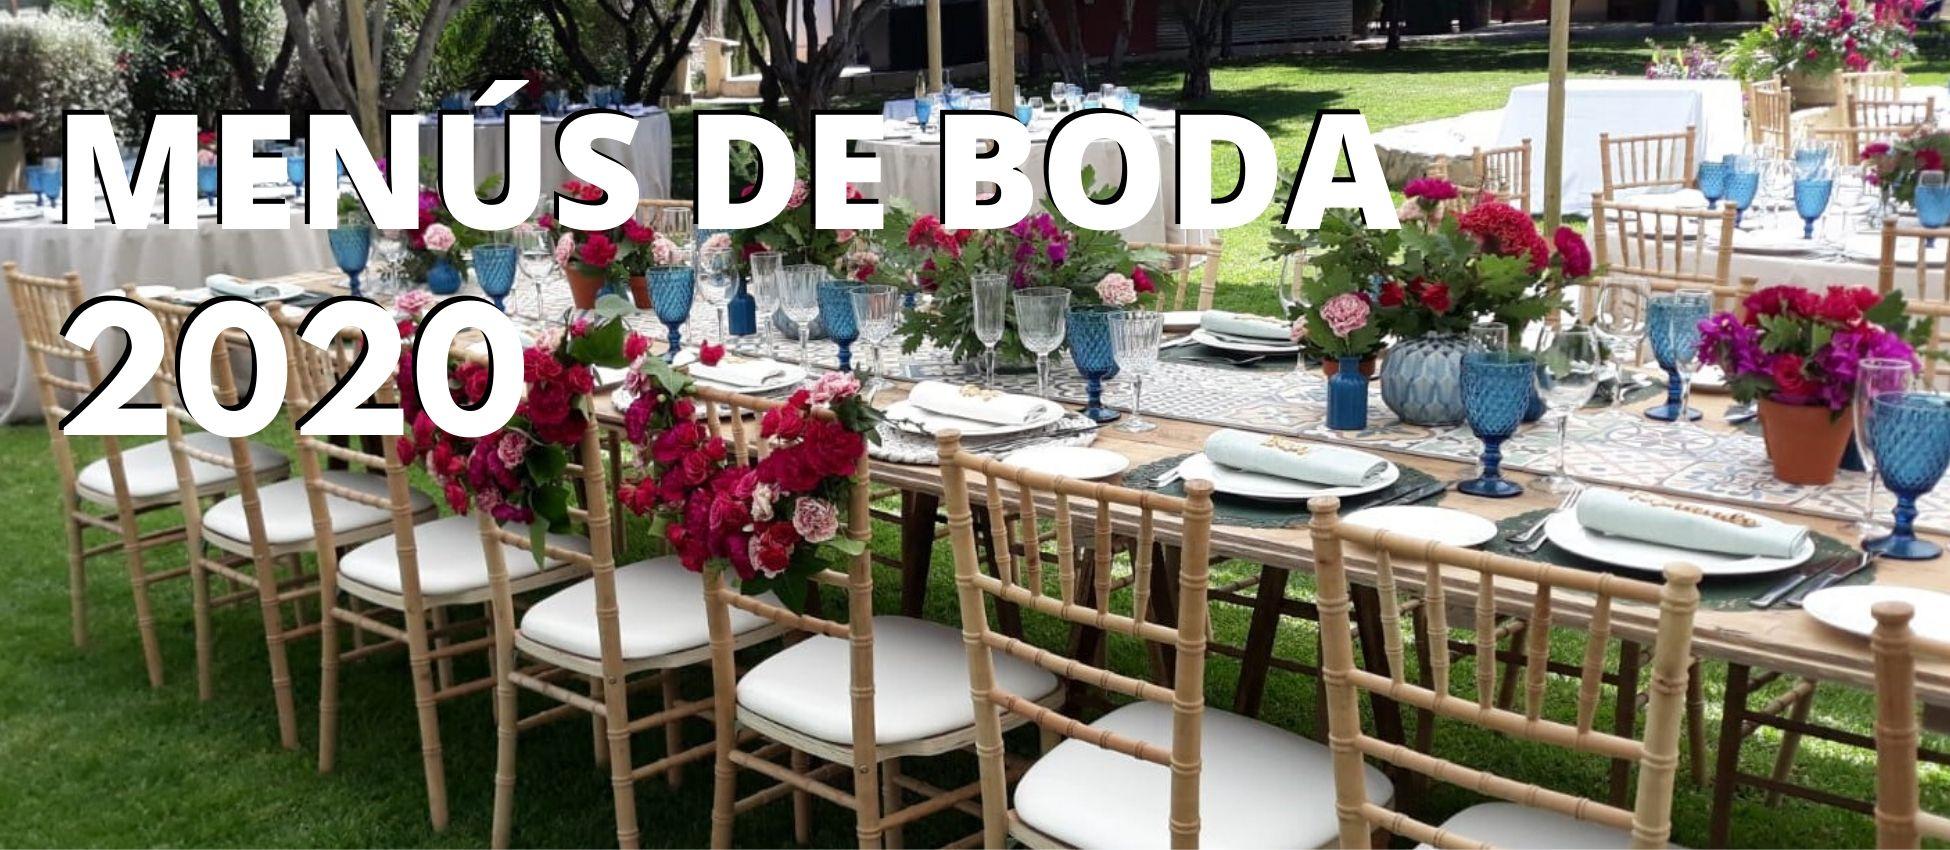 Menús-de-boda-2020-3